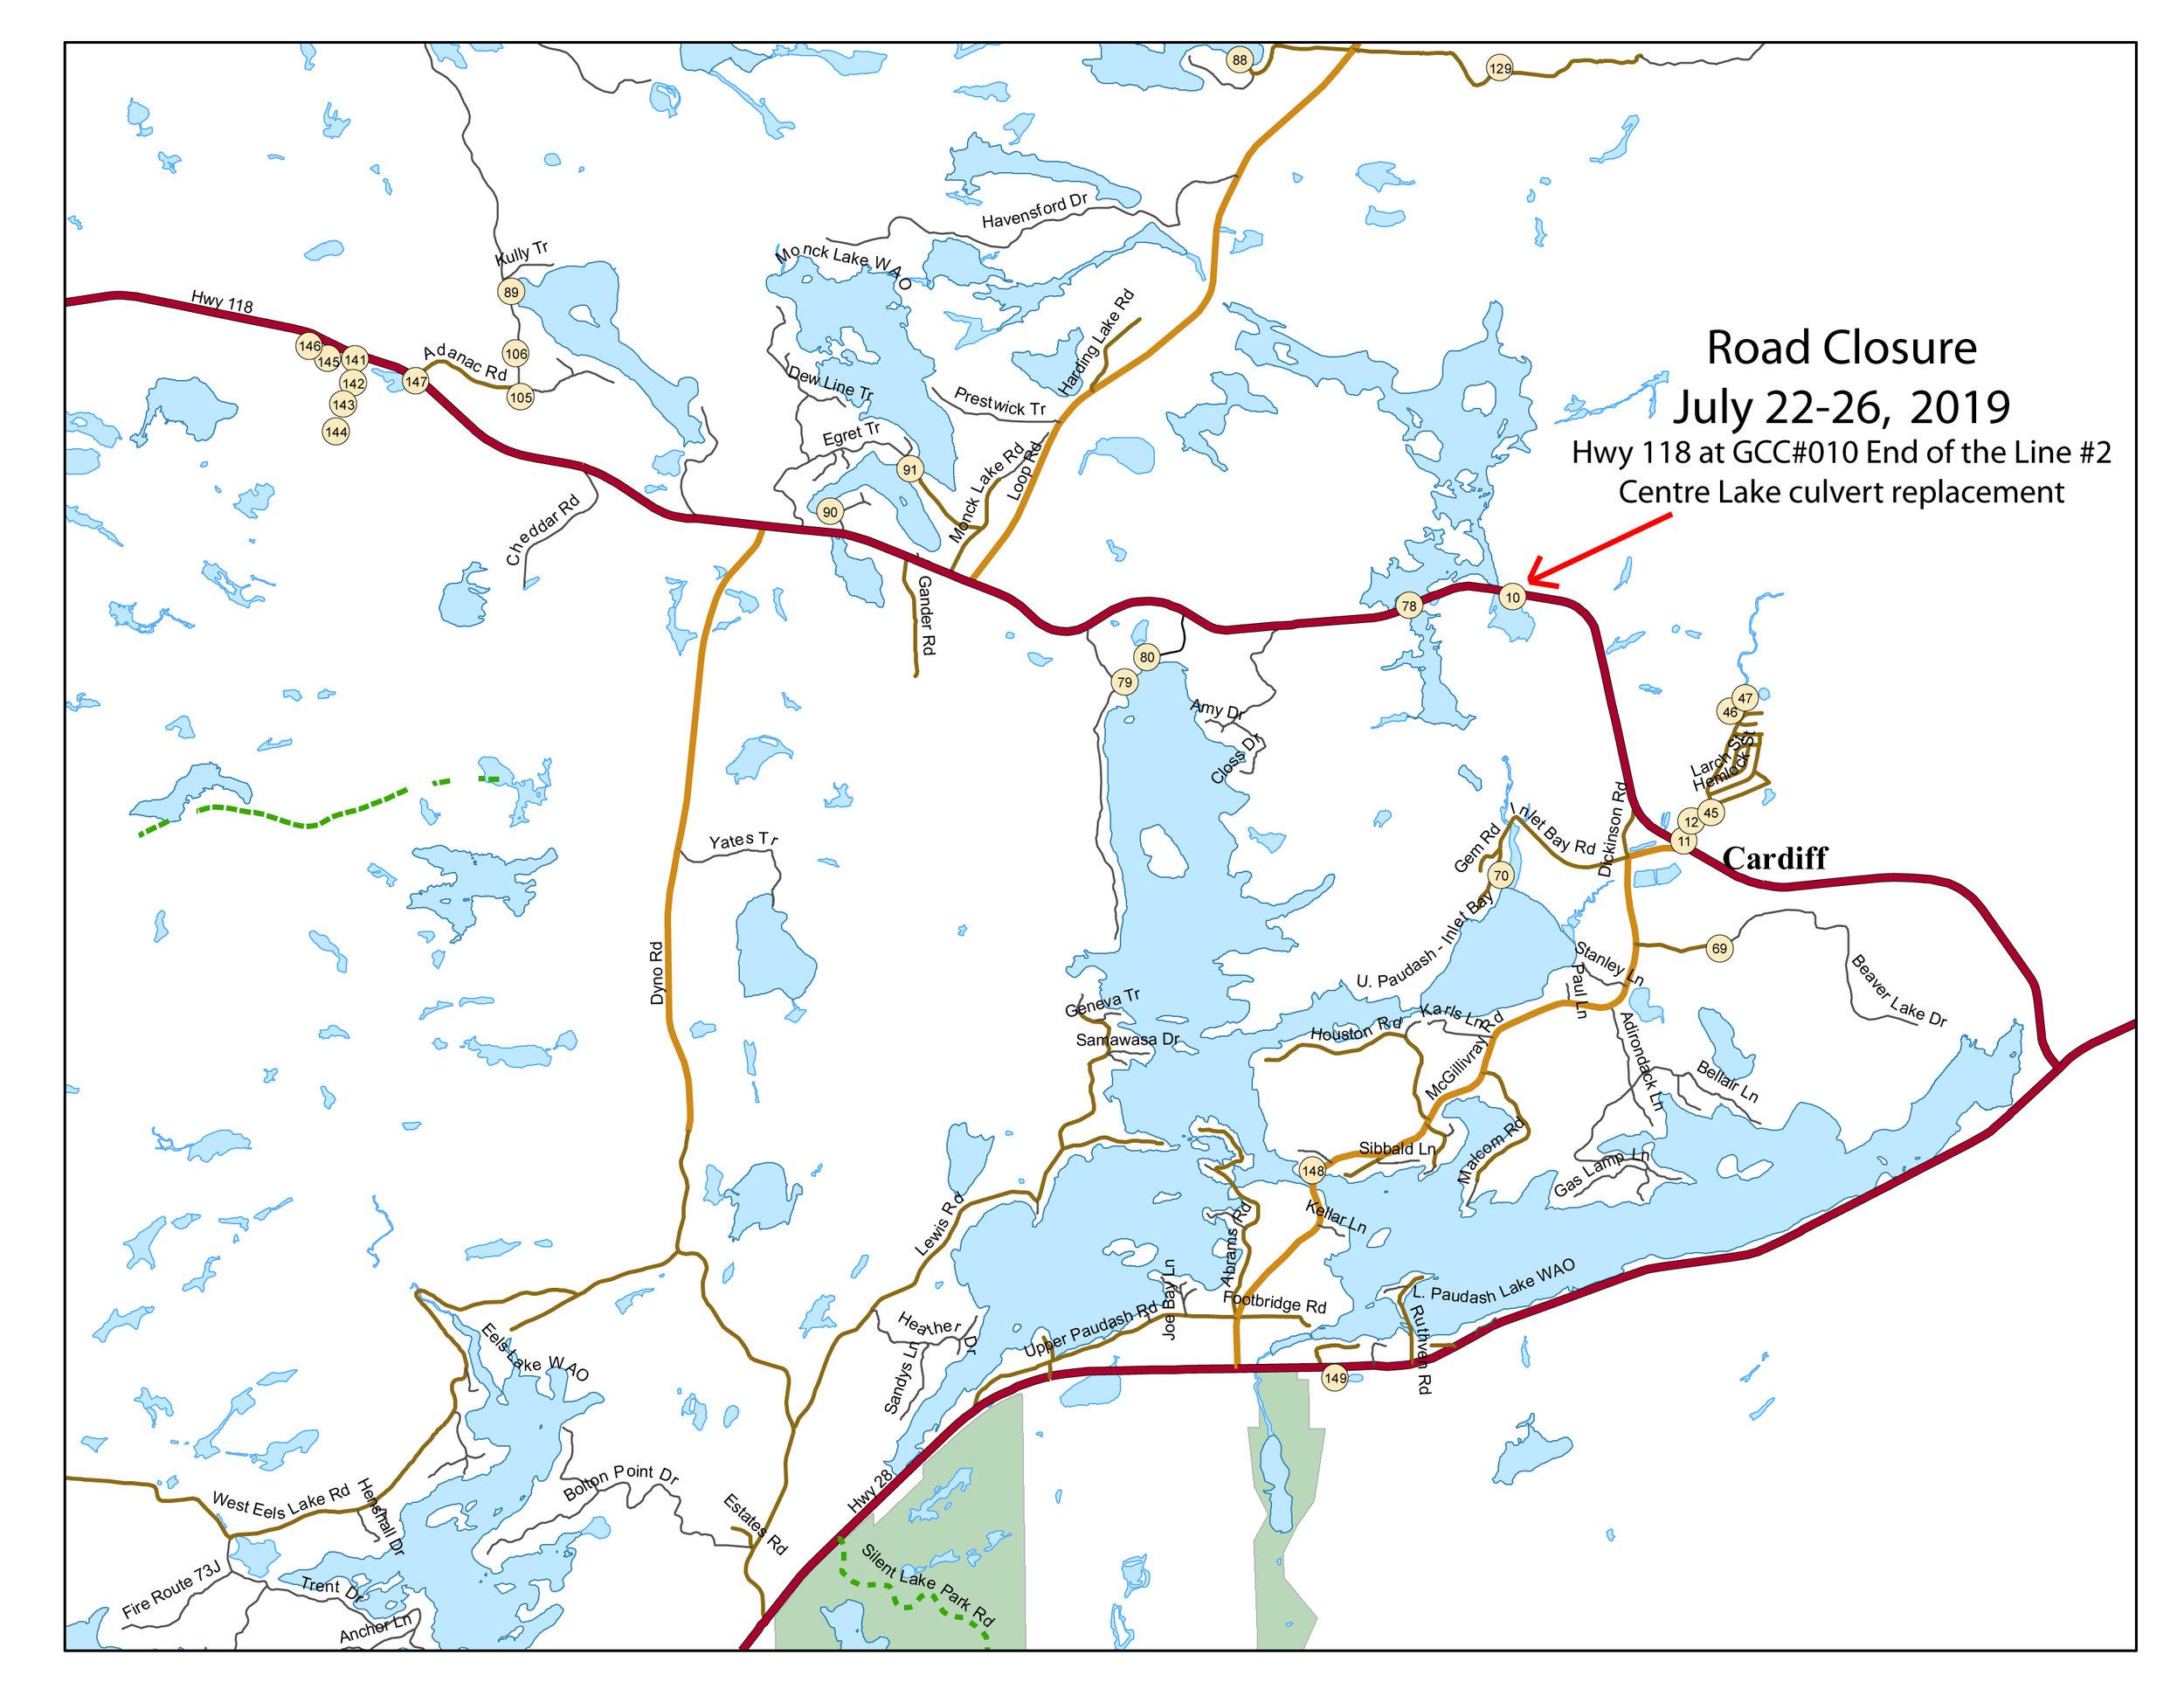 GeoTour detour map 2019 labelled.jpg